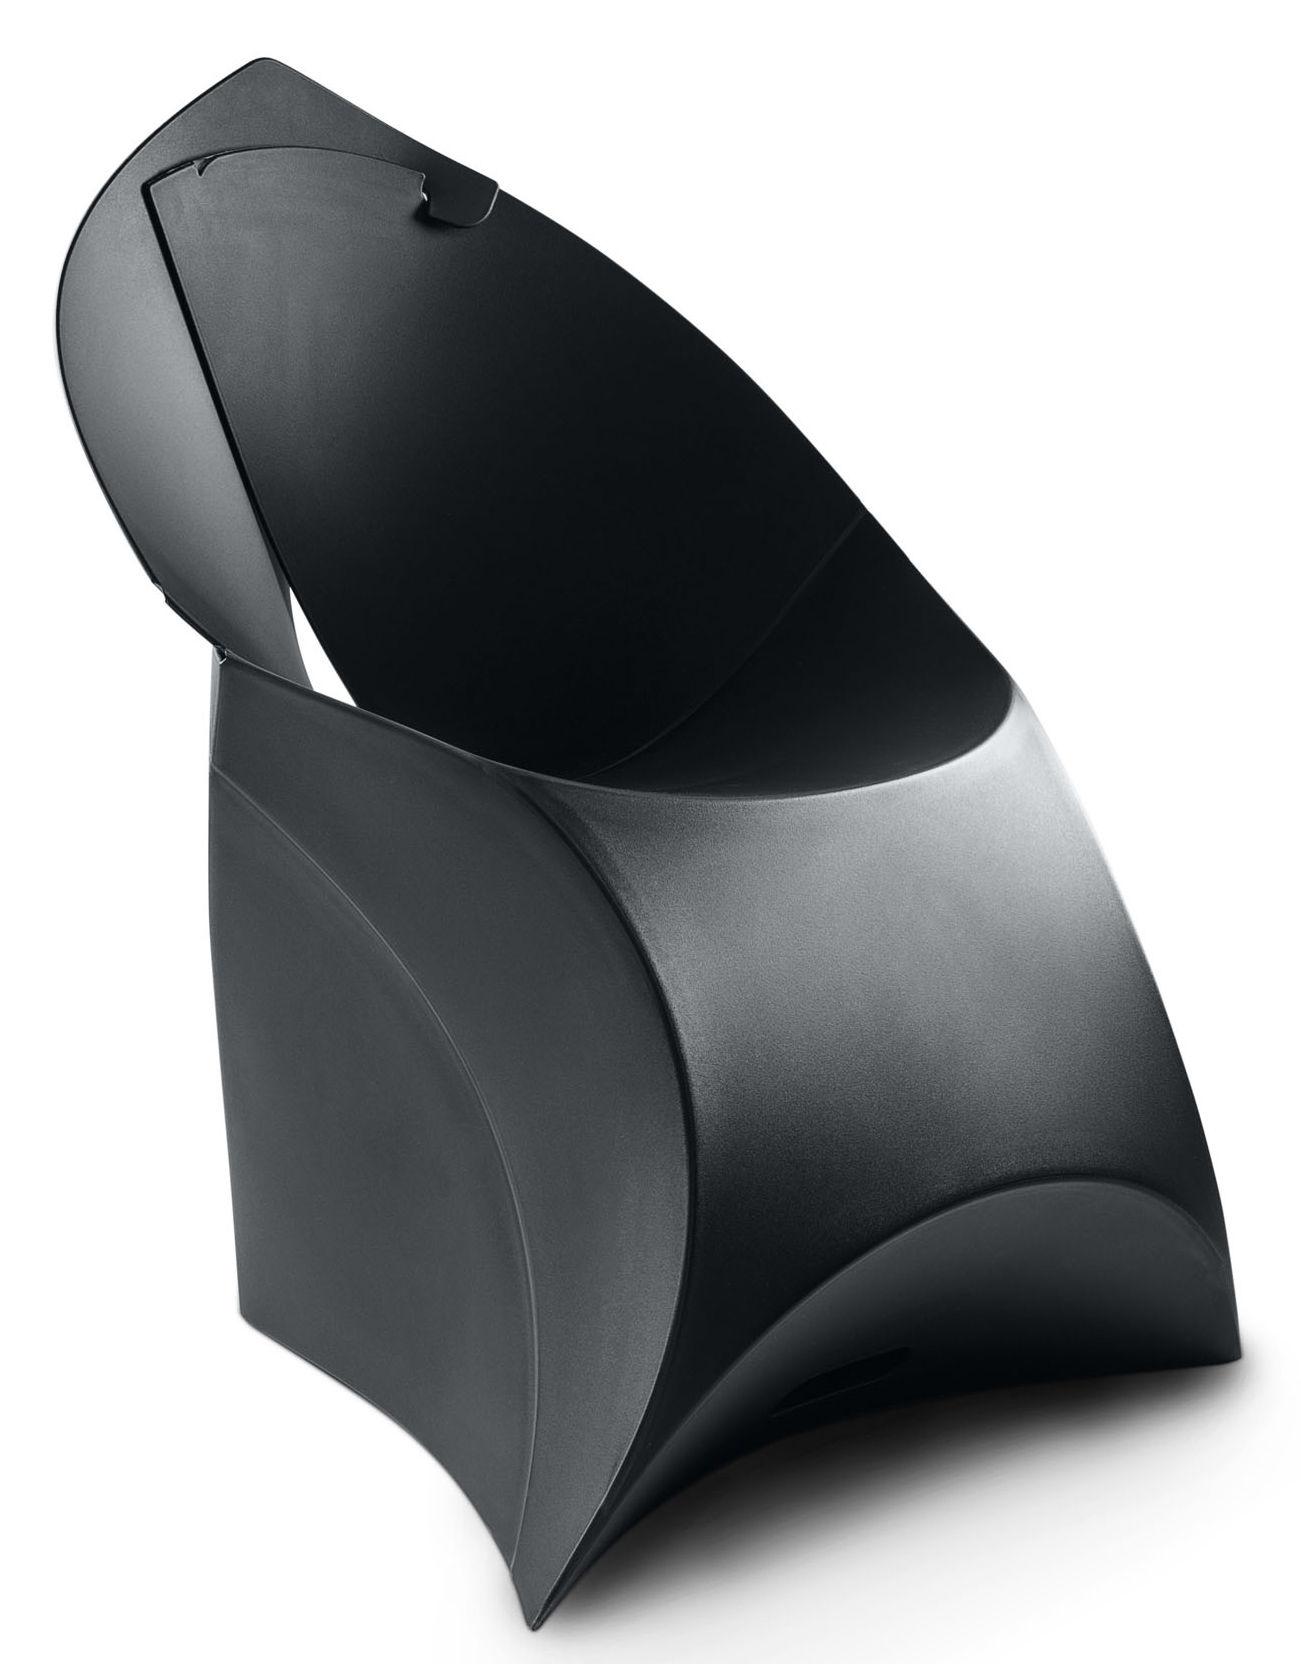 Möbel - Stühle  - Flux Chair Klappsessel - Flux - Schwarz - Polypropylen